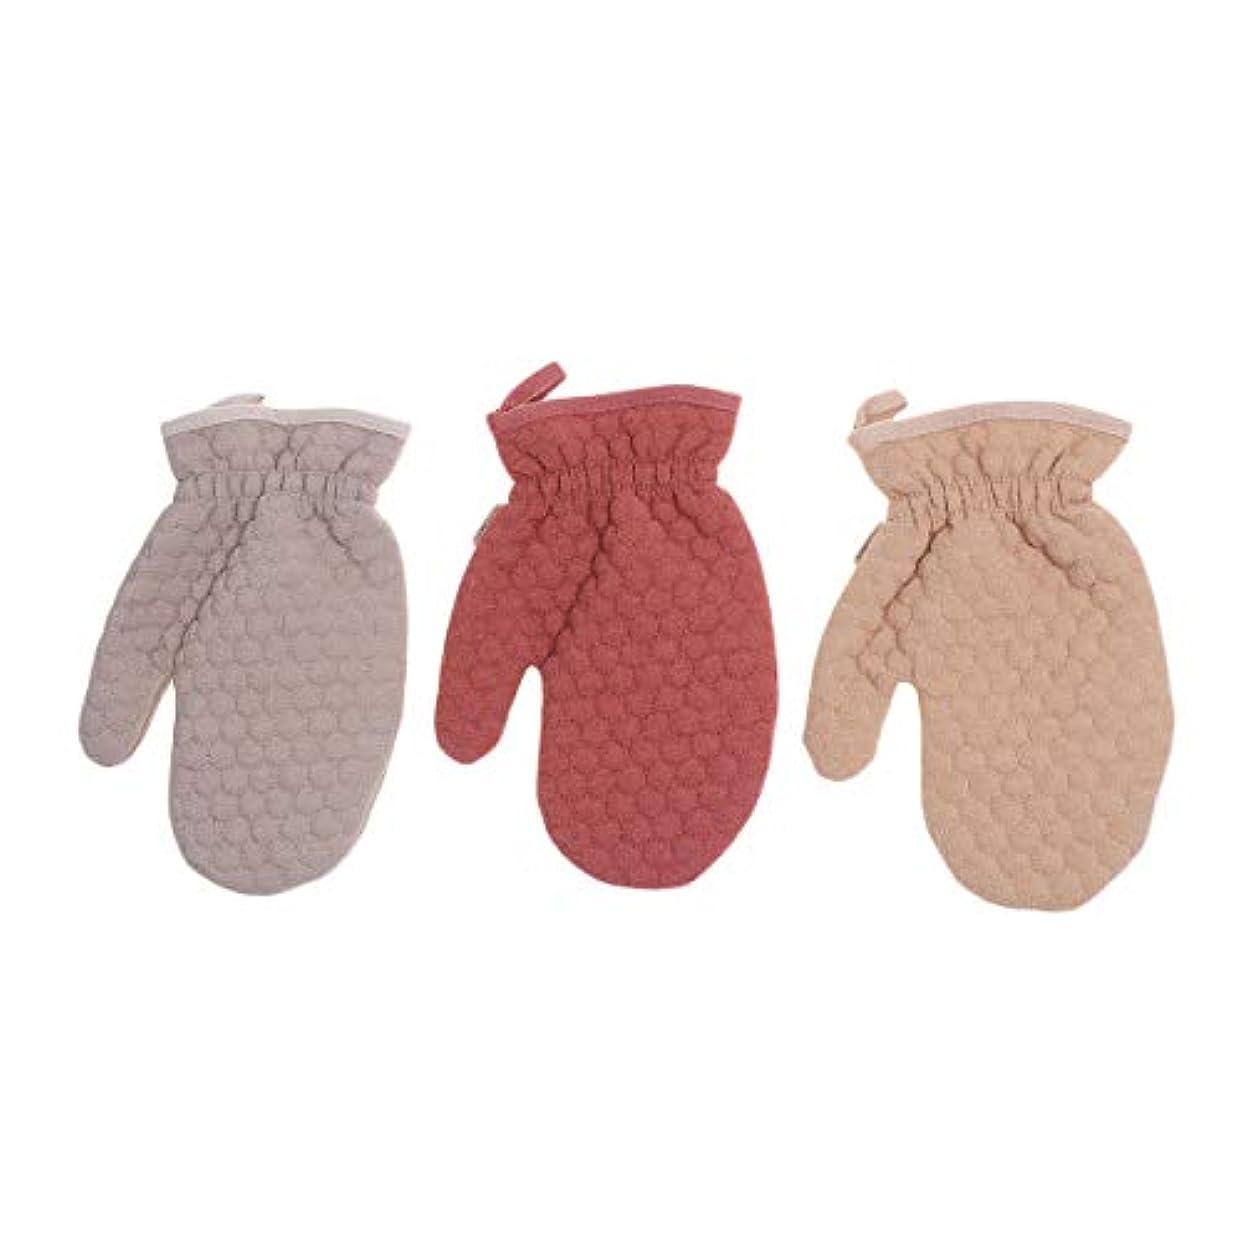 拡大するゆりかご収益Beaupretty 3本剥離手袋ダブルサイドシャワー手袋スクラブグローブシャワー用デュアルテクスチャバスグローブ(ダークレッドライトブラウンライトコーヒー)